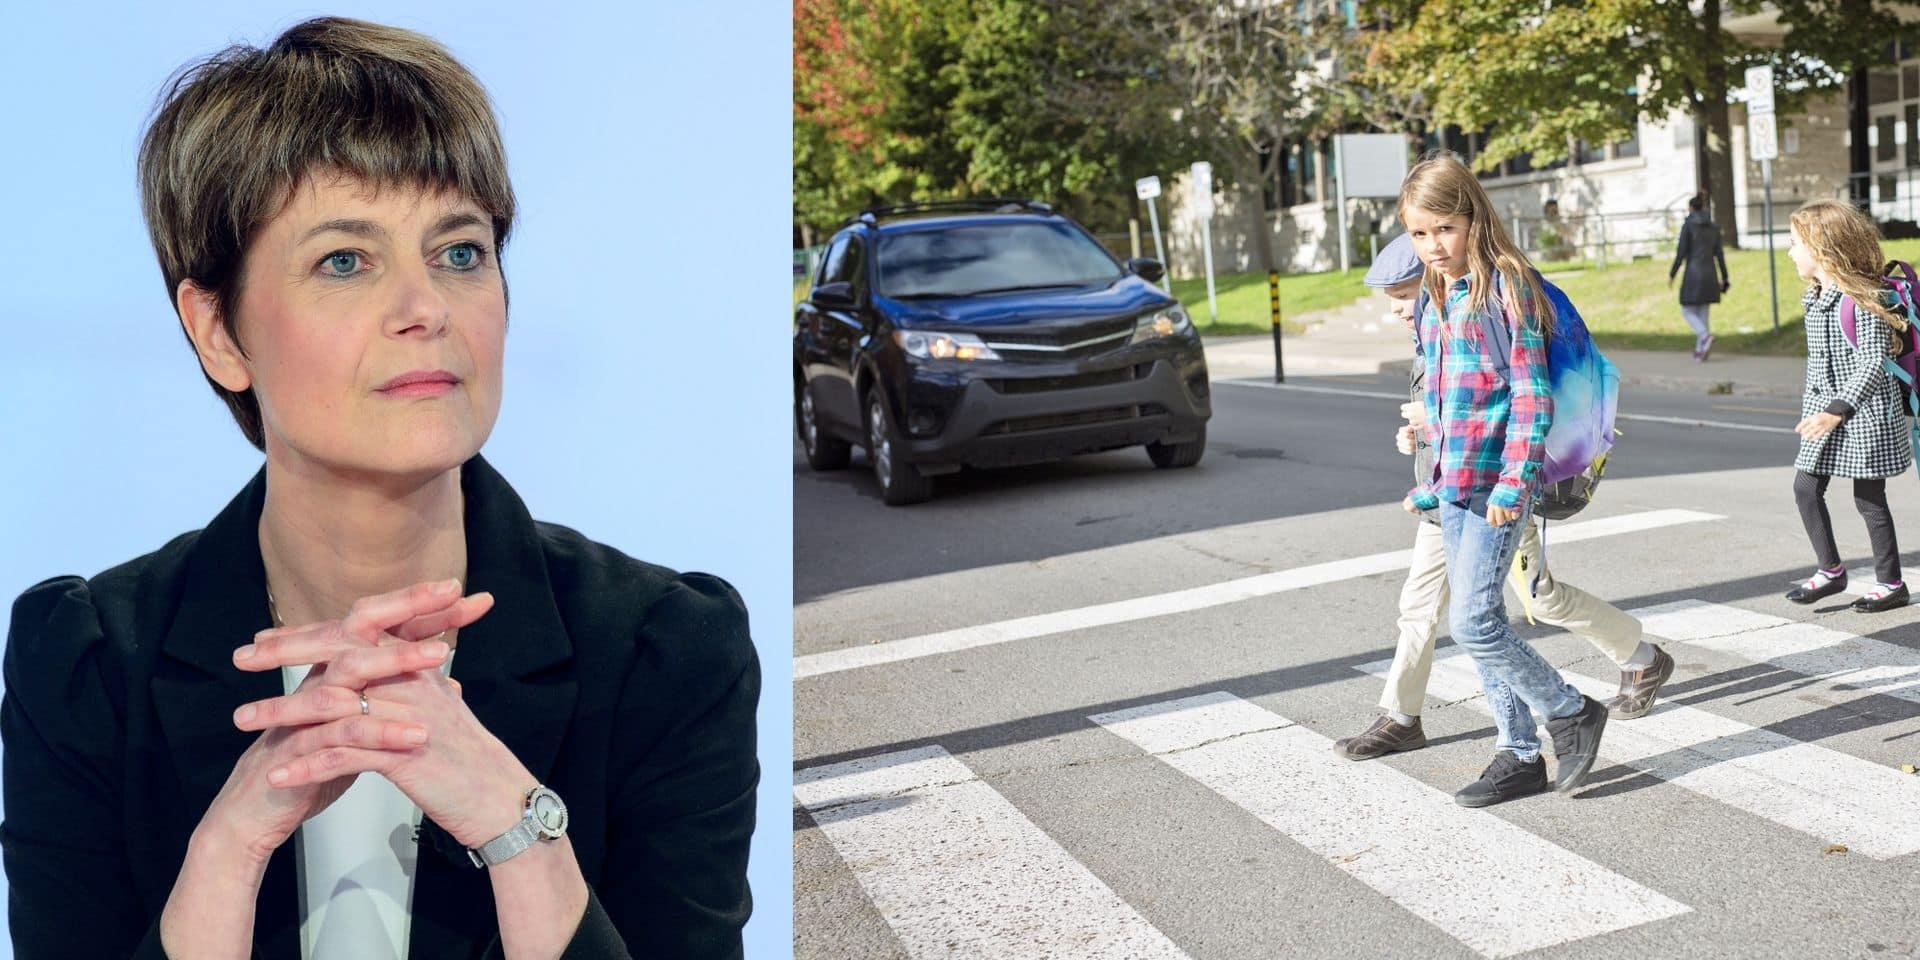 """Les élèves du secondaire bientôt formés à la sécurité routière: """"Les jeunes peuvent servir d'exemple pour les adultes"""""""